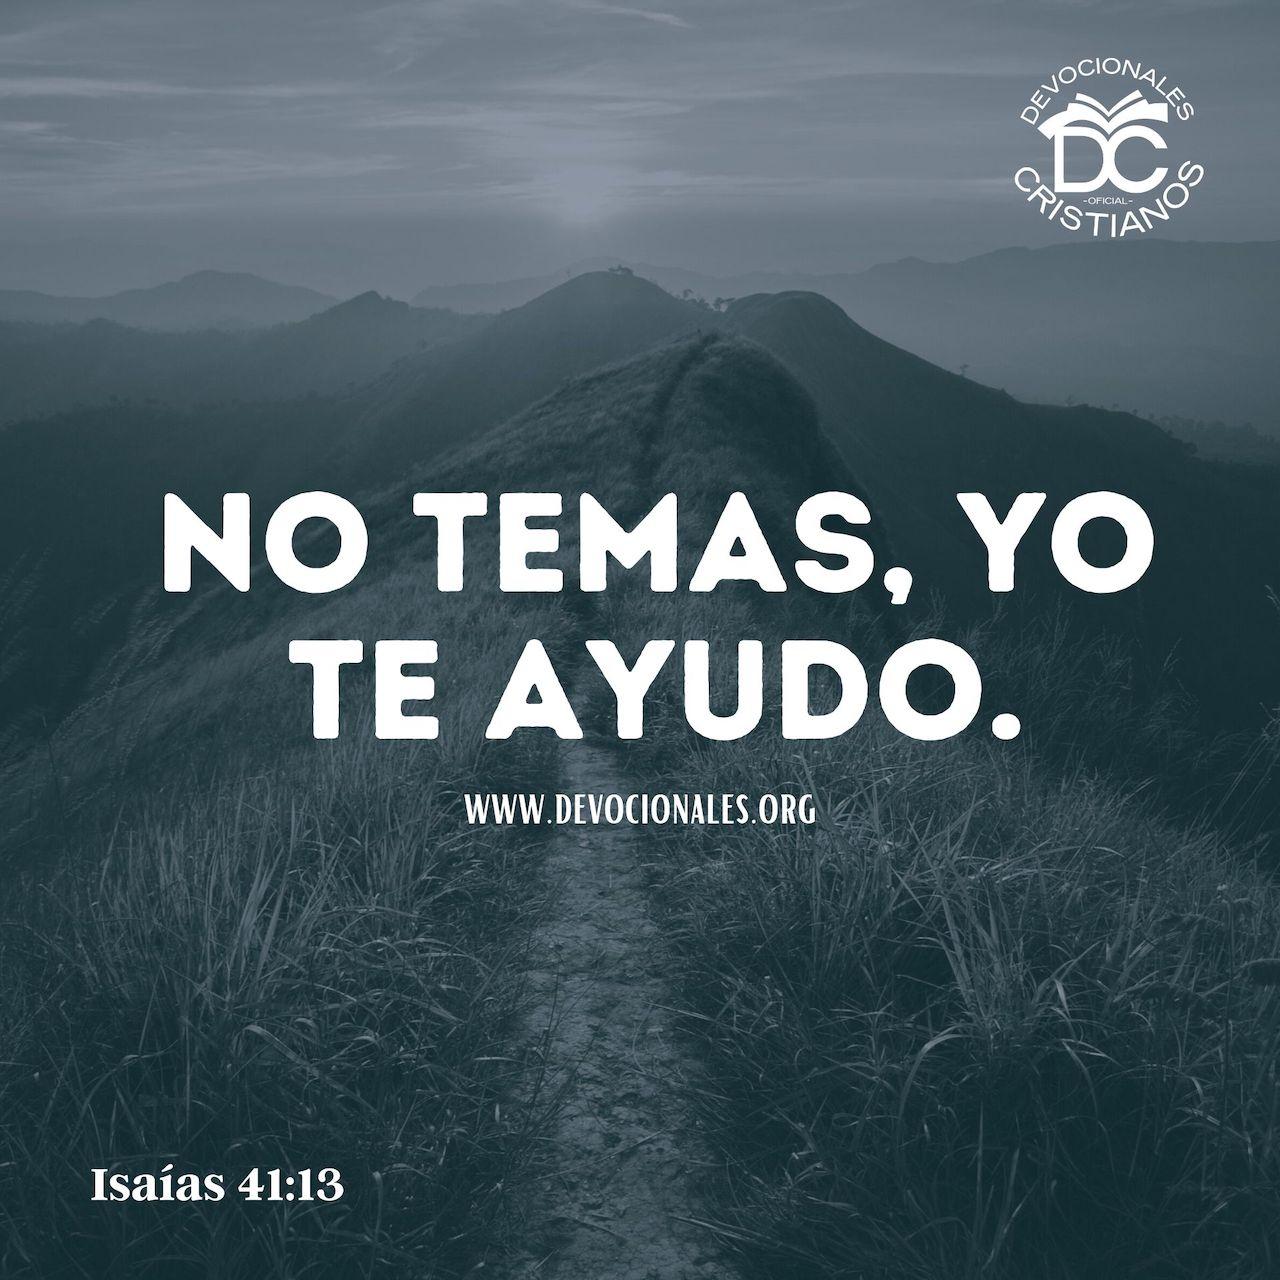 No-temas-yo-te-ayudo-biblia-isaias